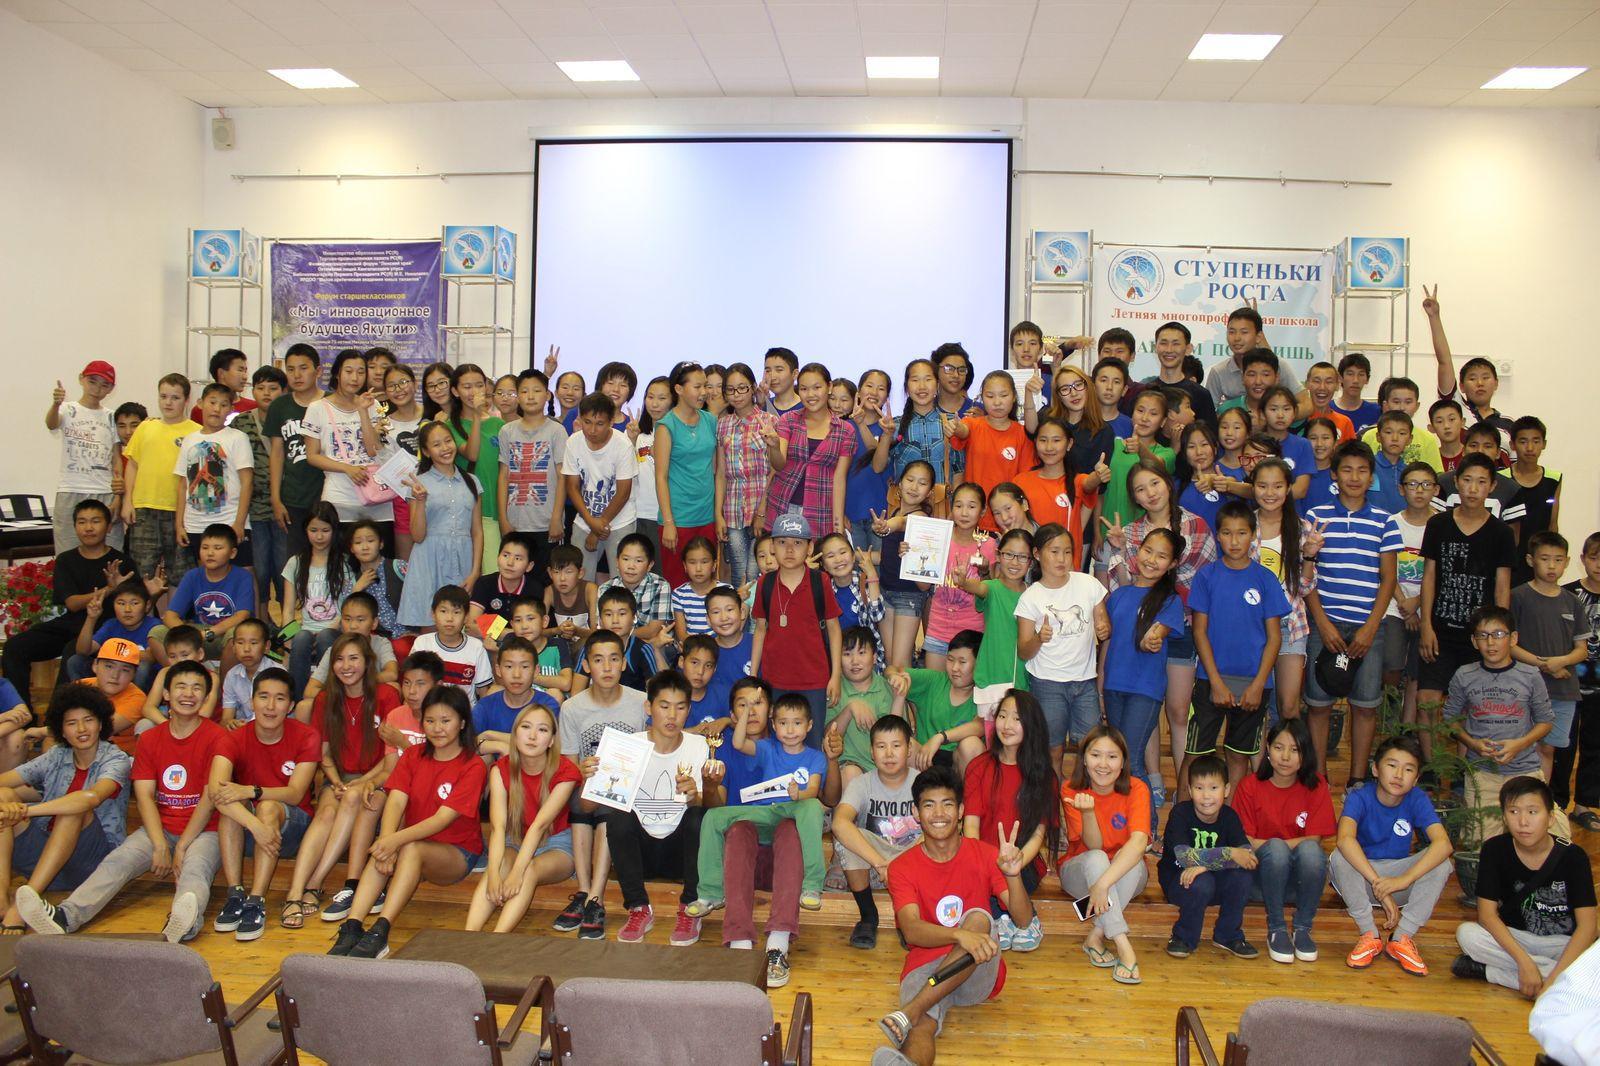 Летние IT-школы в Якутии: как это сделано - 1